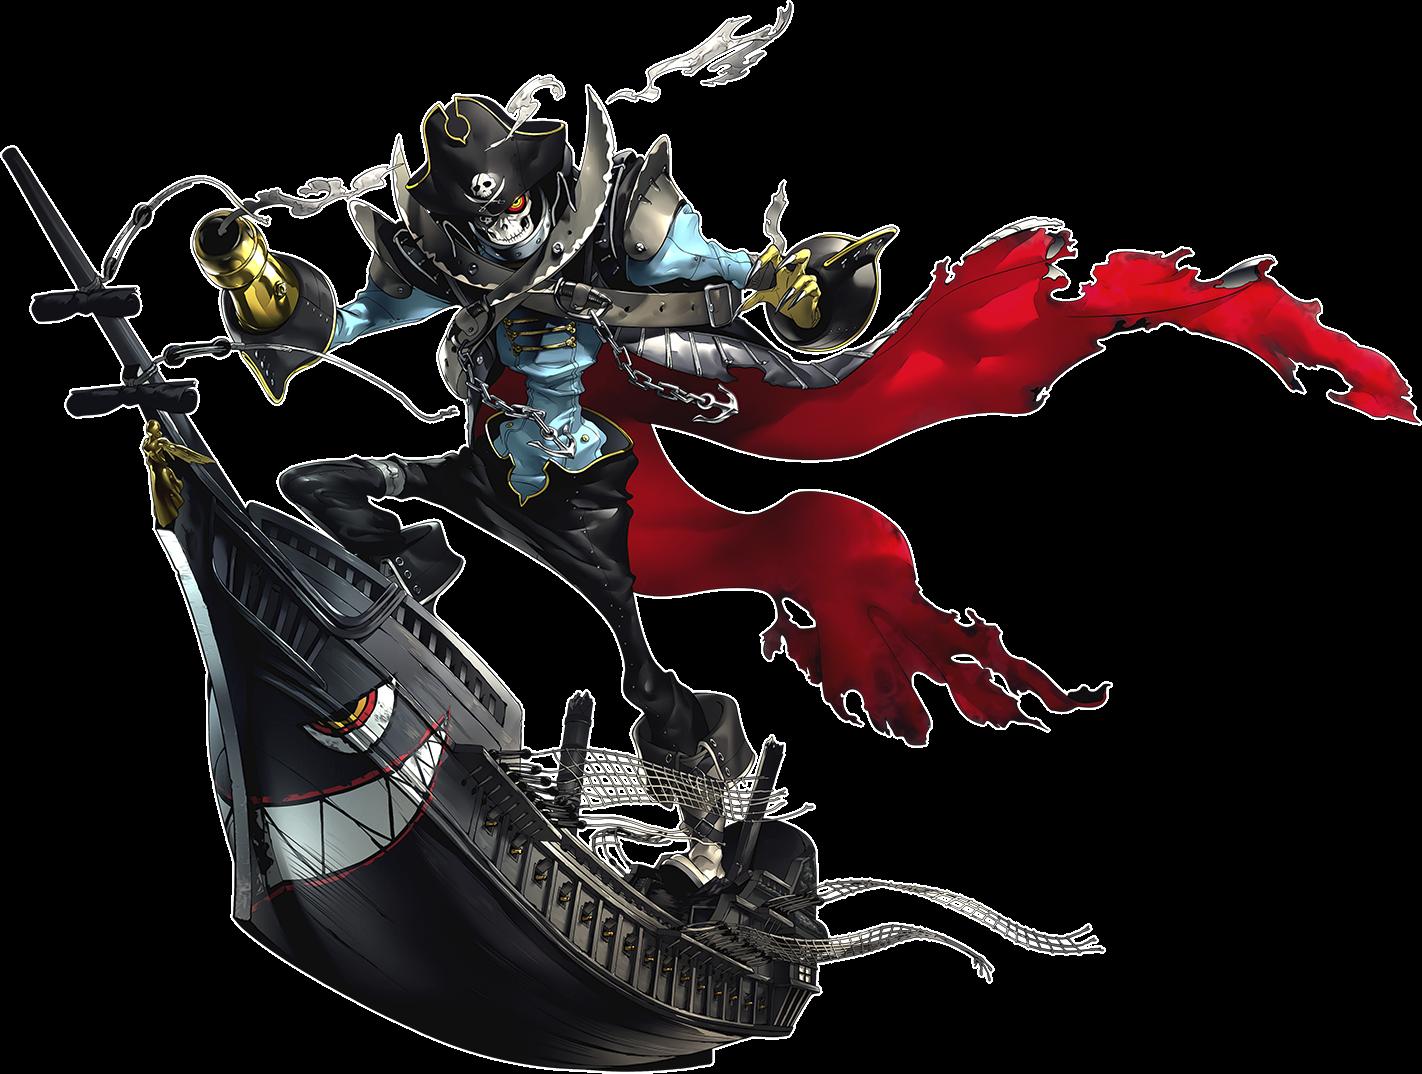 Captain Kidd | Megami Tensei Wiki | FANDOM powered by Wikia